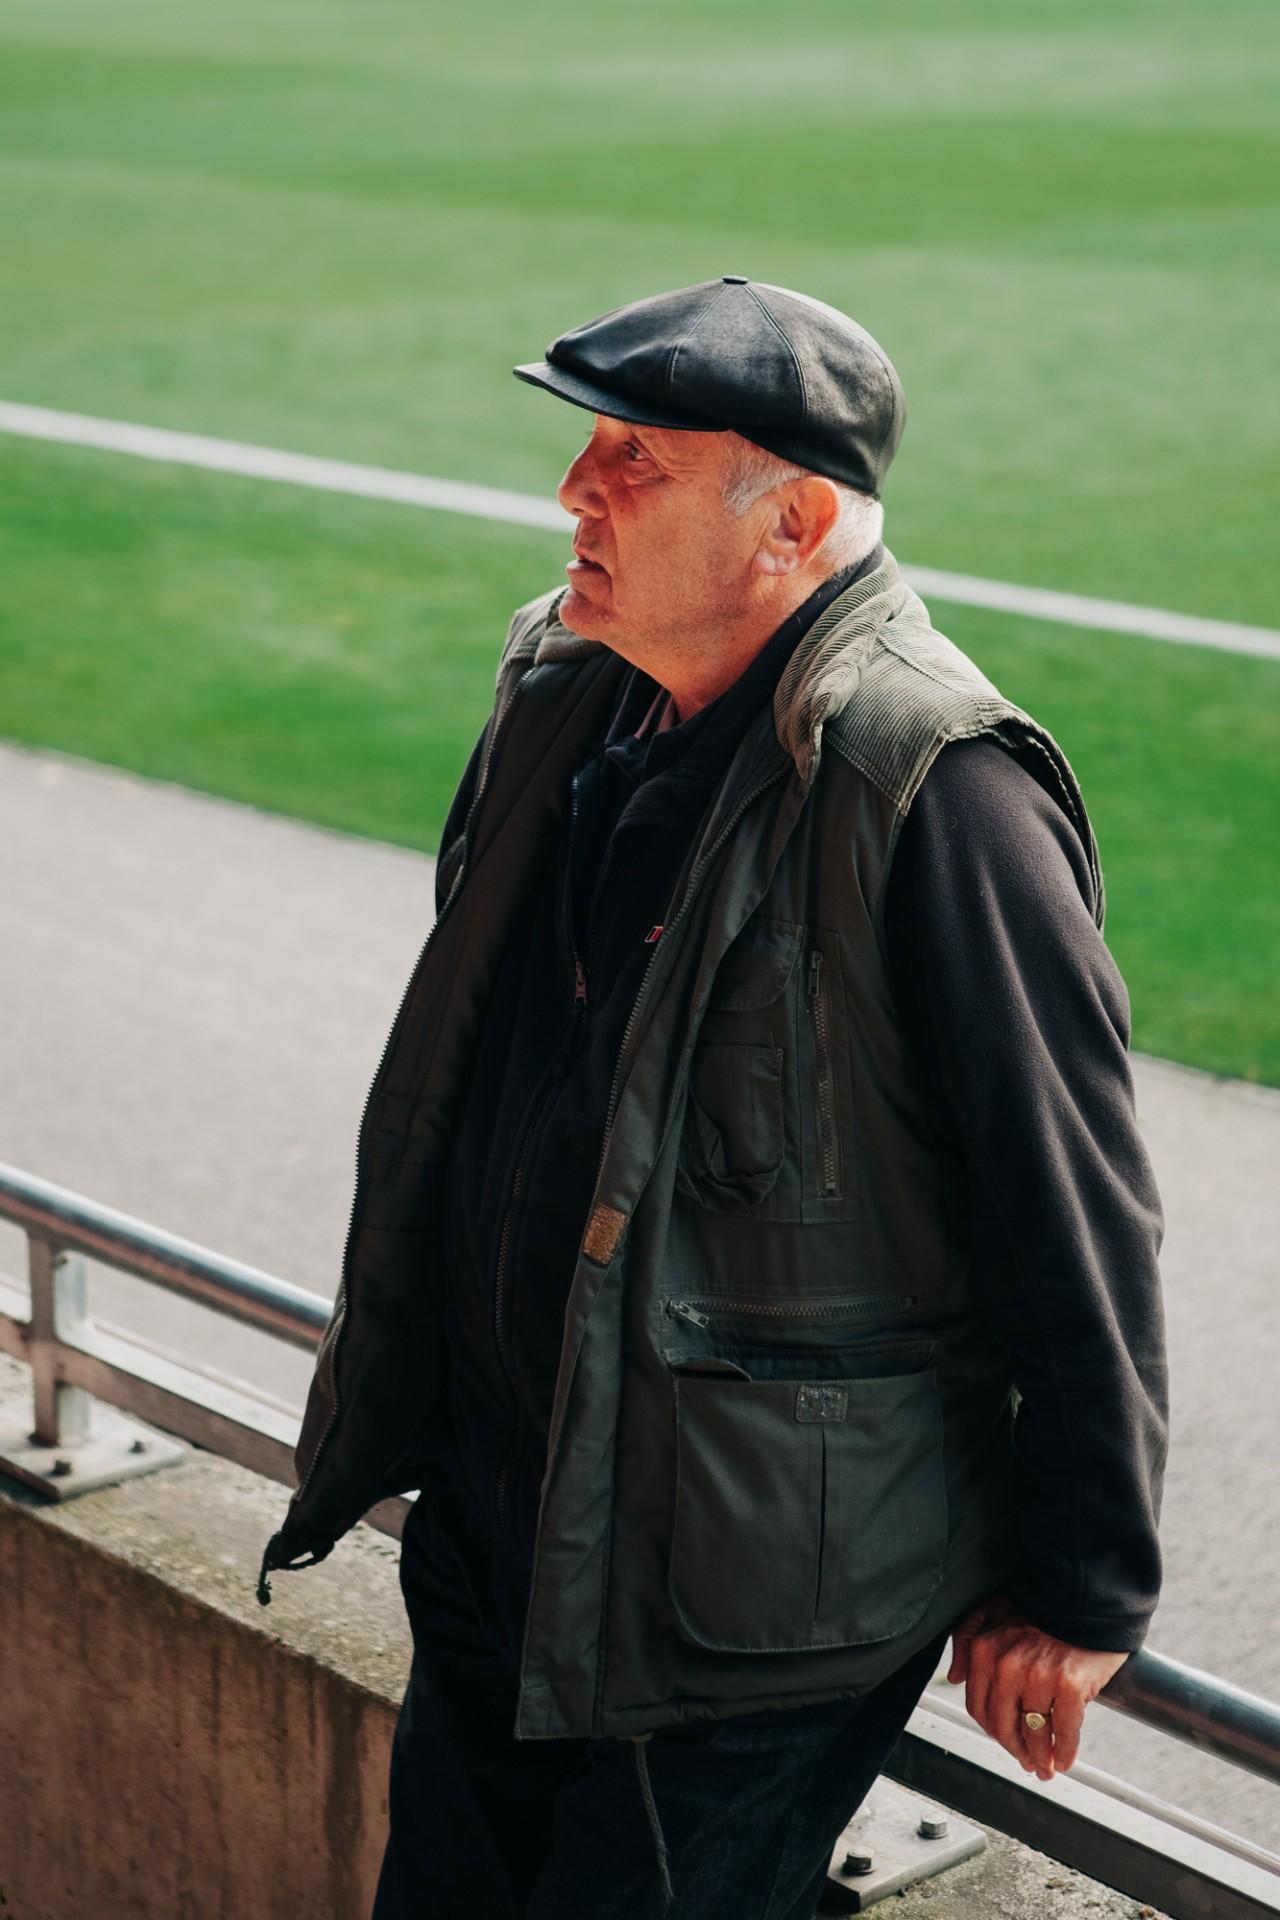 Tim Peukert Leyton Orient — 2015